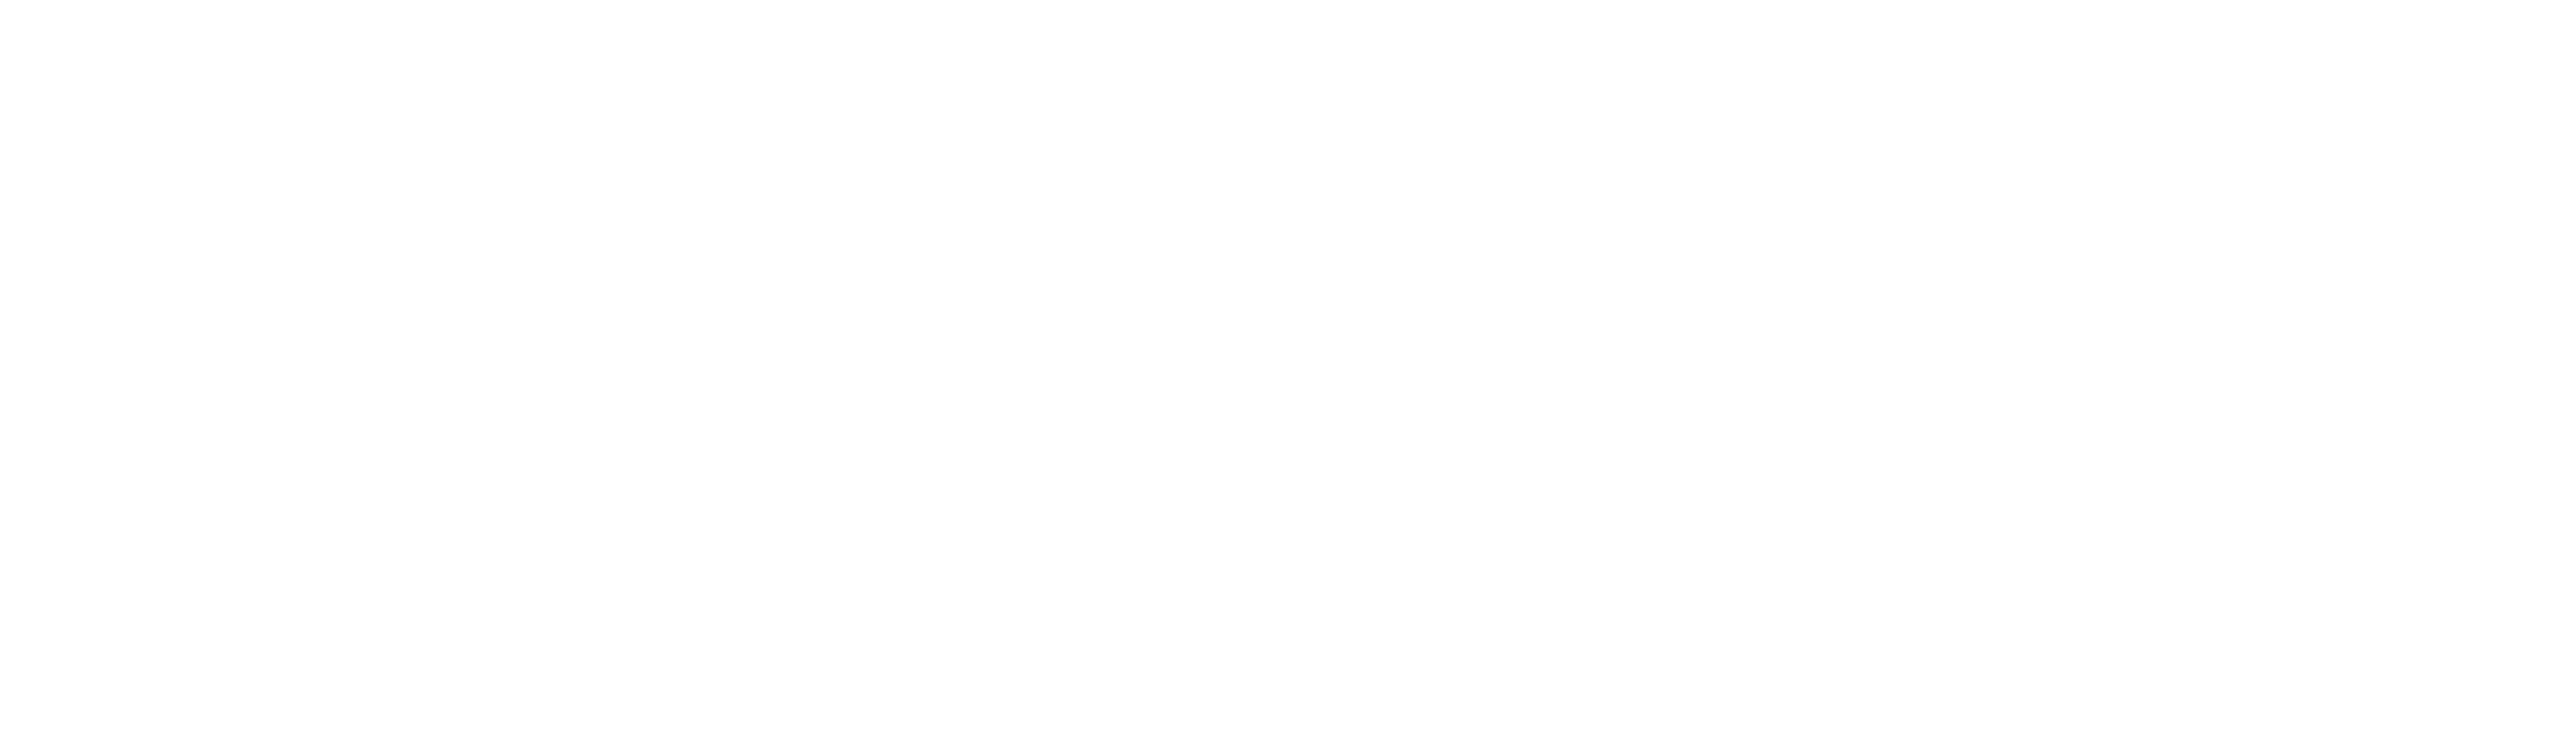 Buckinghamshire Council white - landscape-01